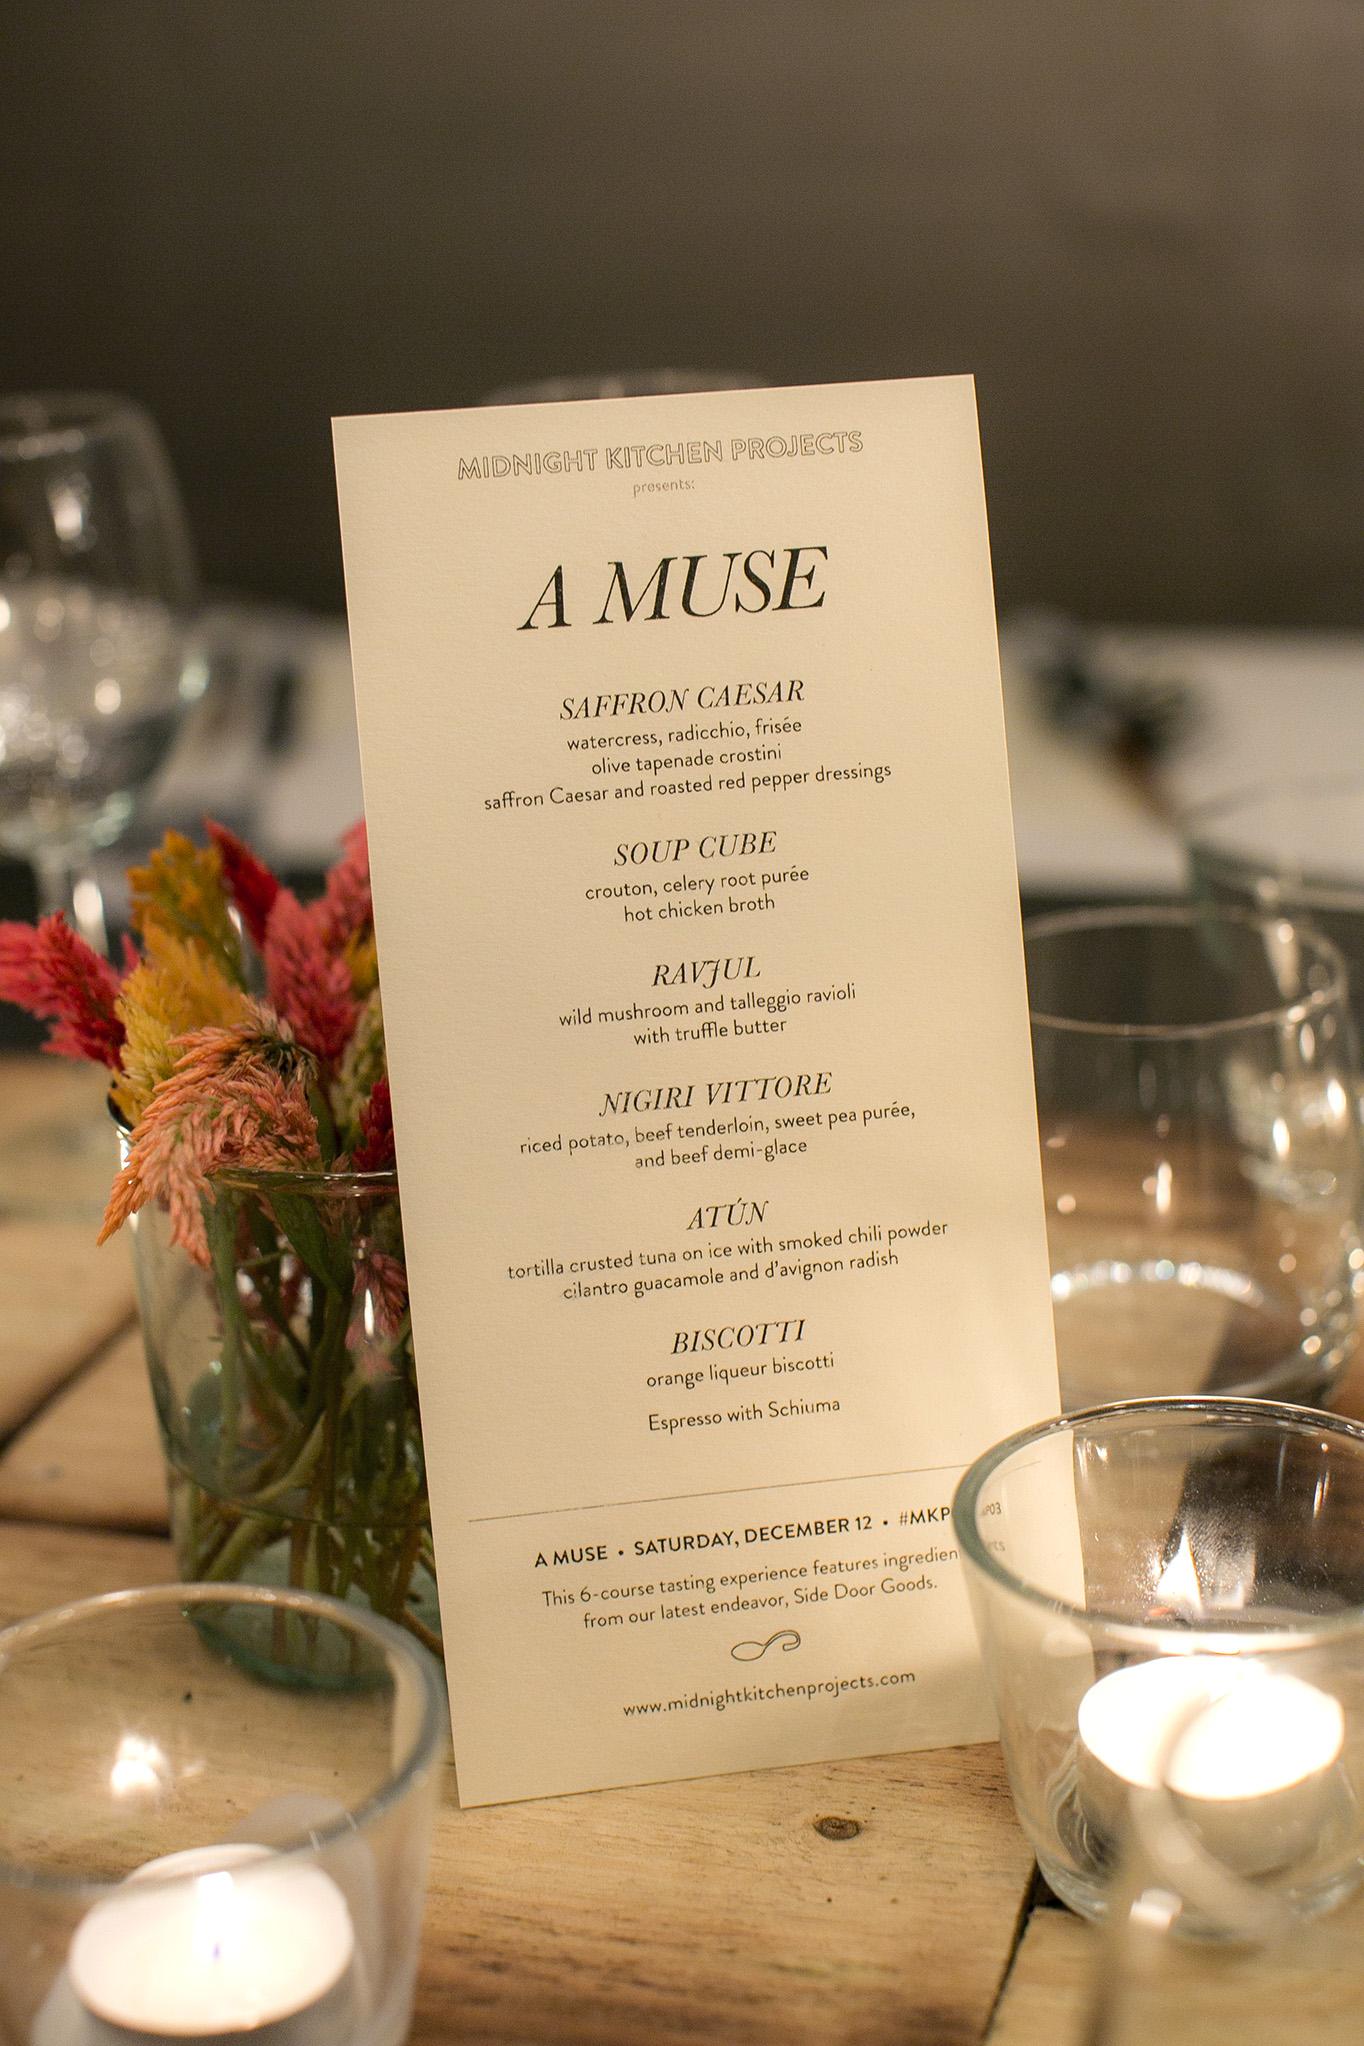 A MUSE menu